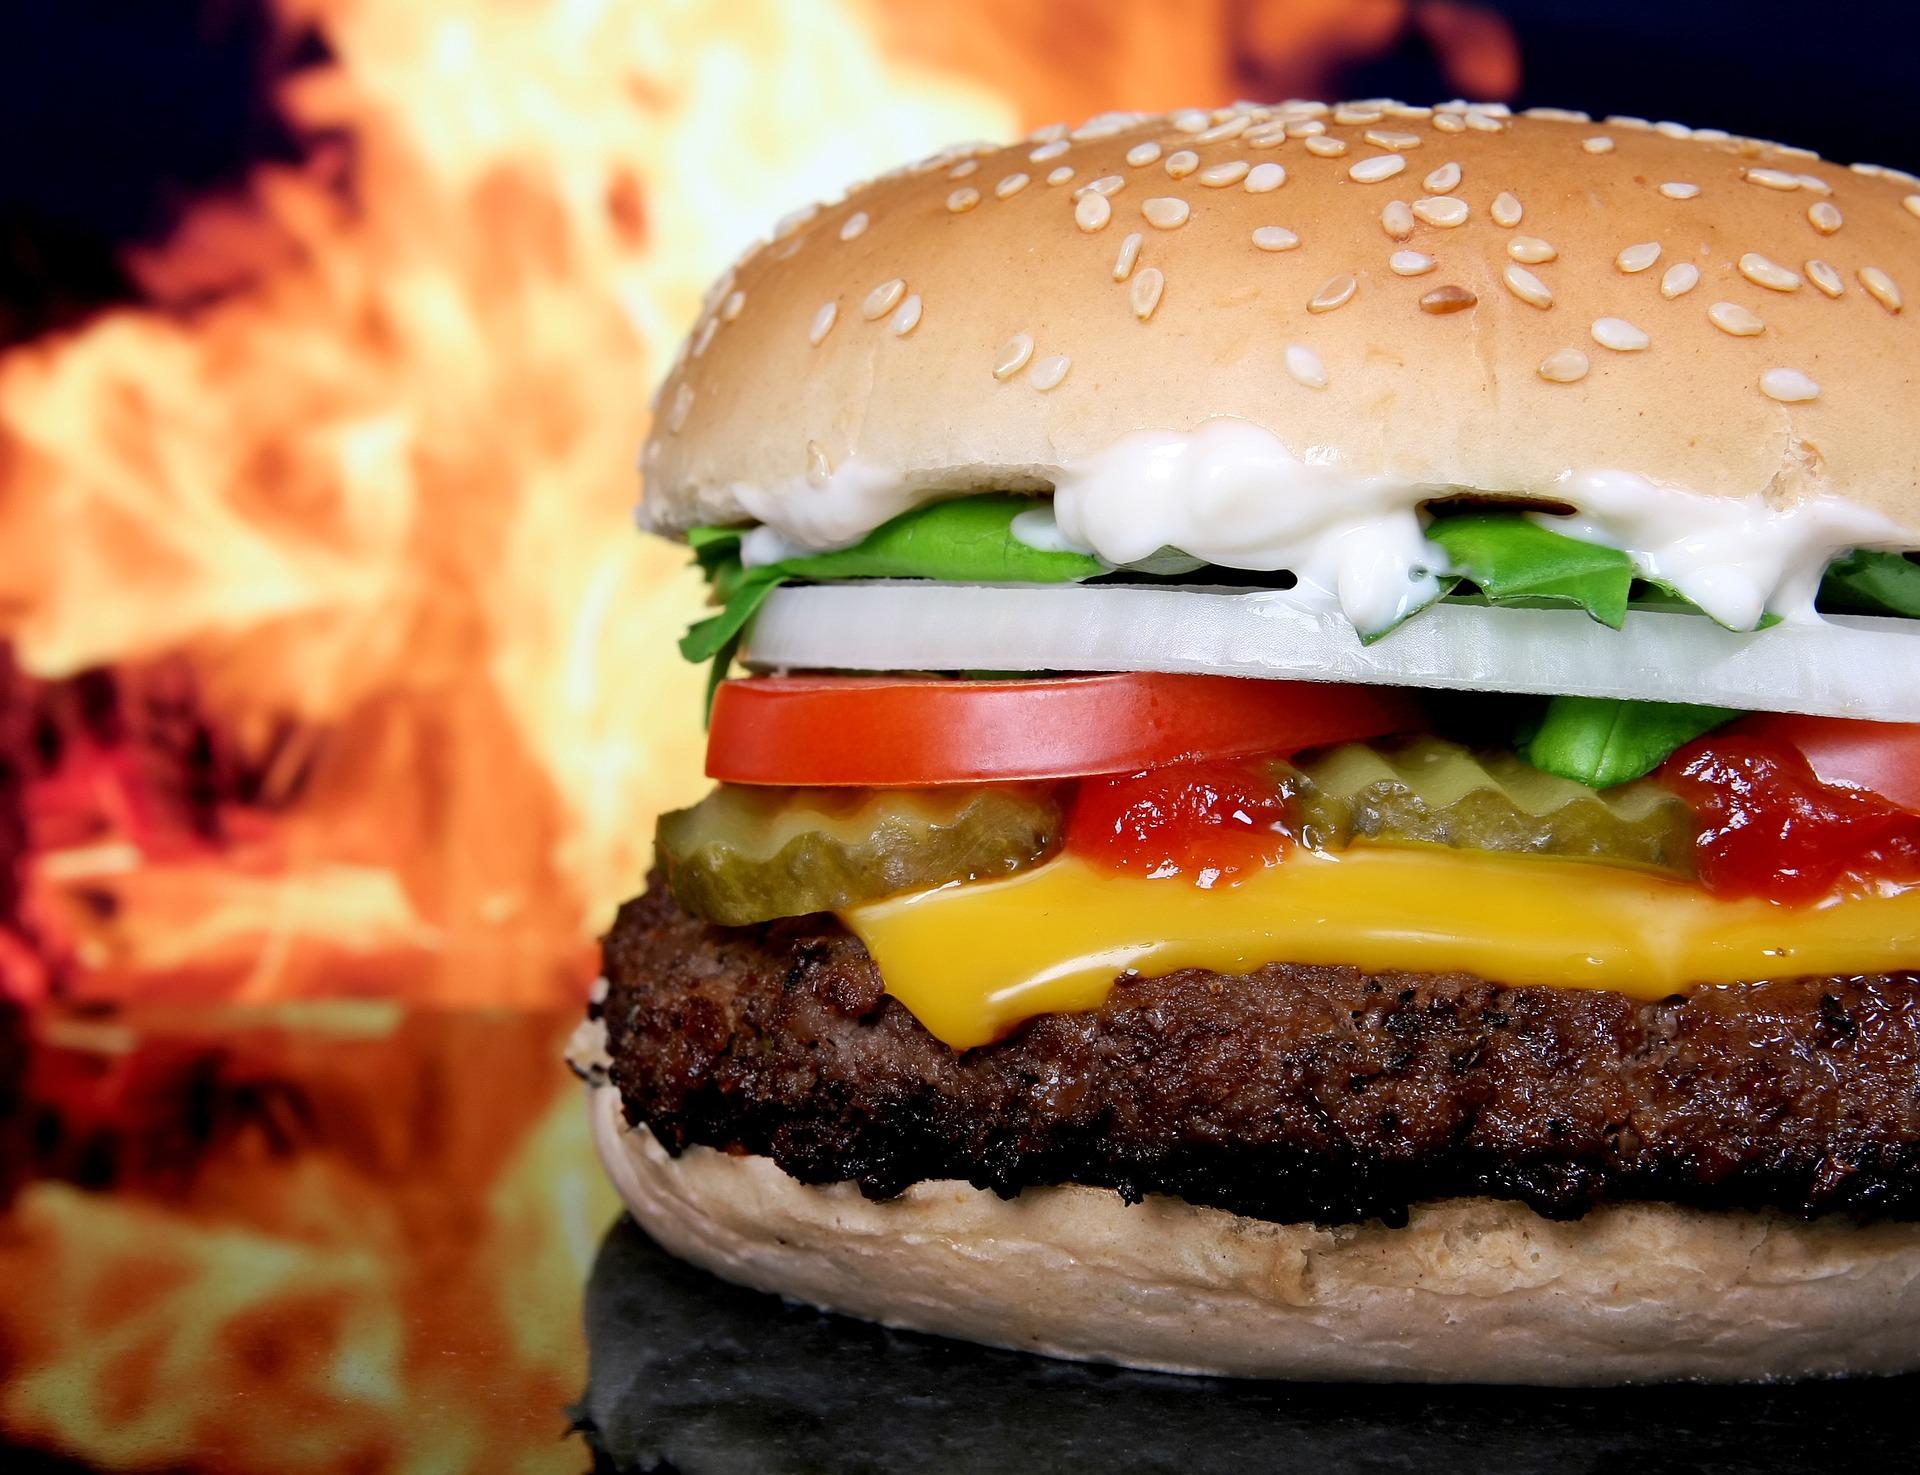 Neuromarketing: iemand salade laten verkiezen boven een cheeseburger